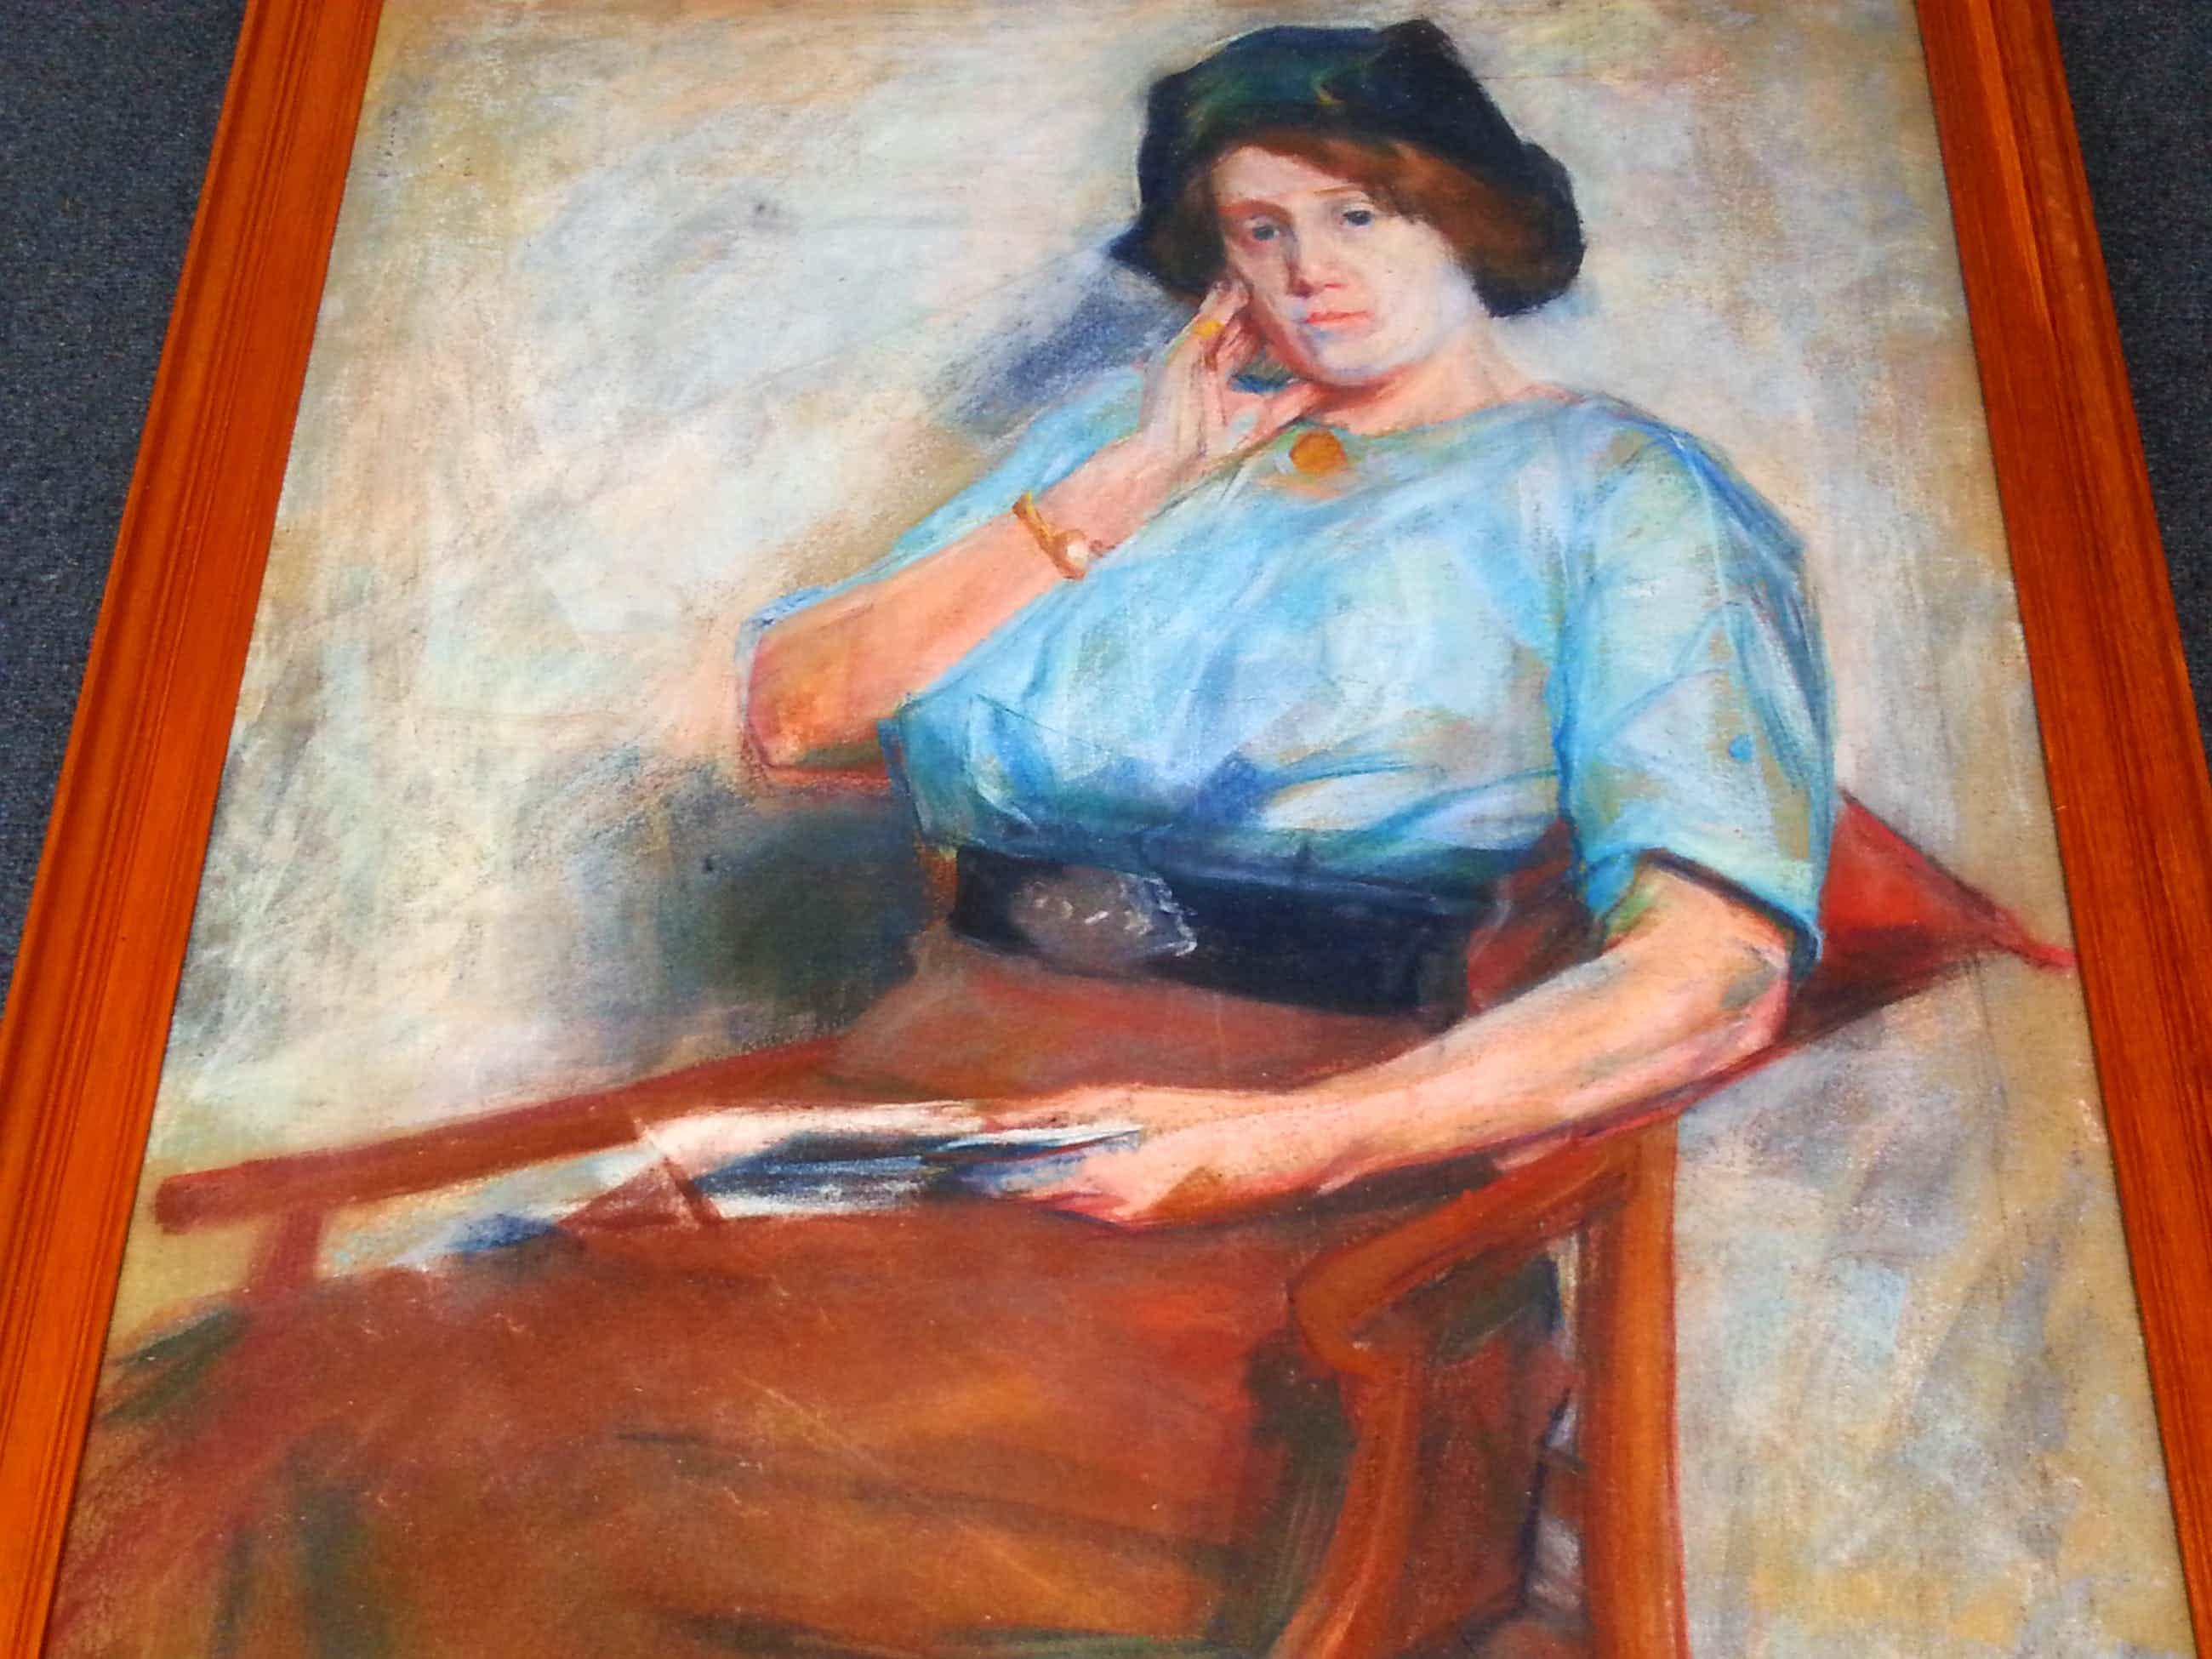 Piet van Wijngaerdt - Portret van een Dame - Gesigneerd kopen? Bied vanaf 280!